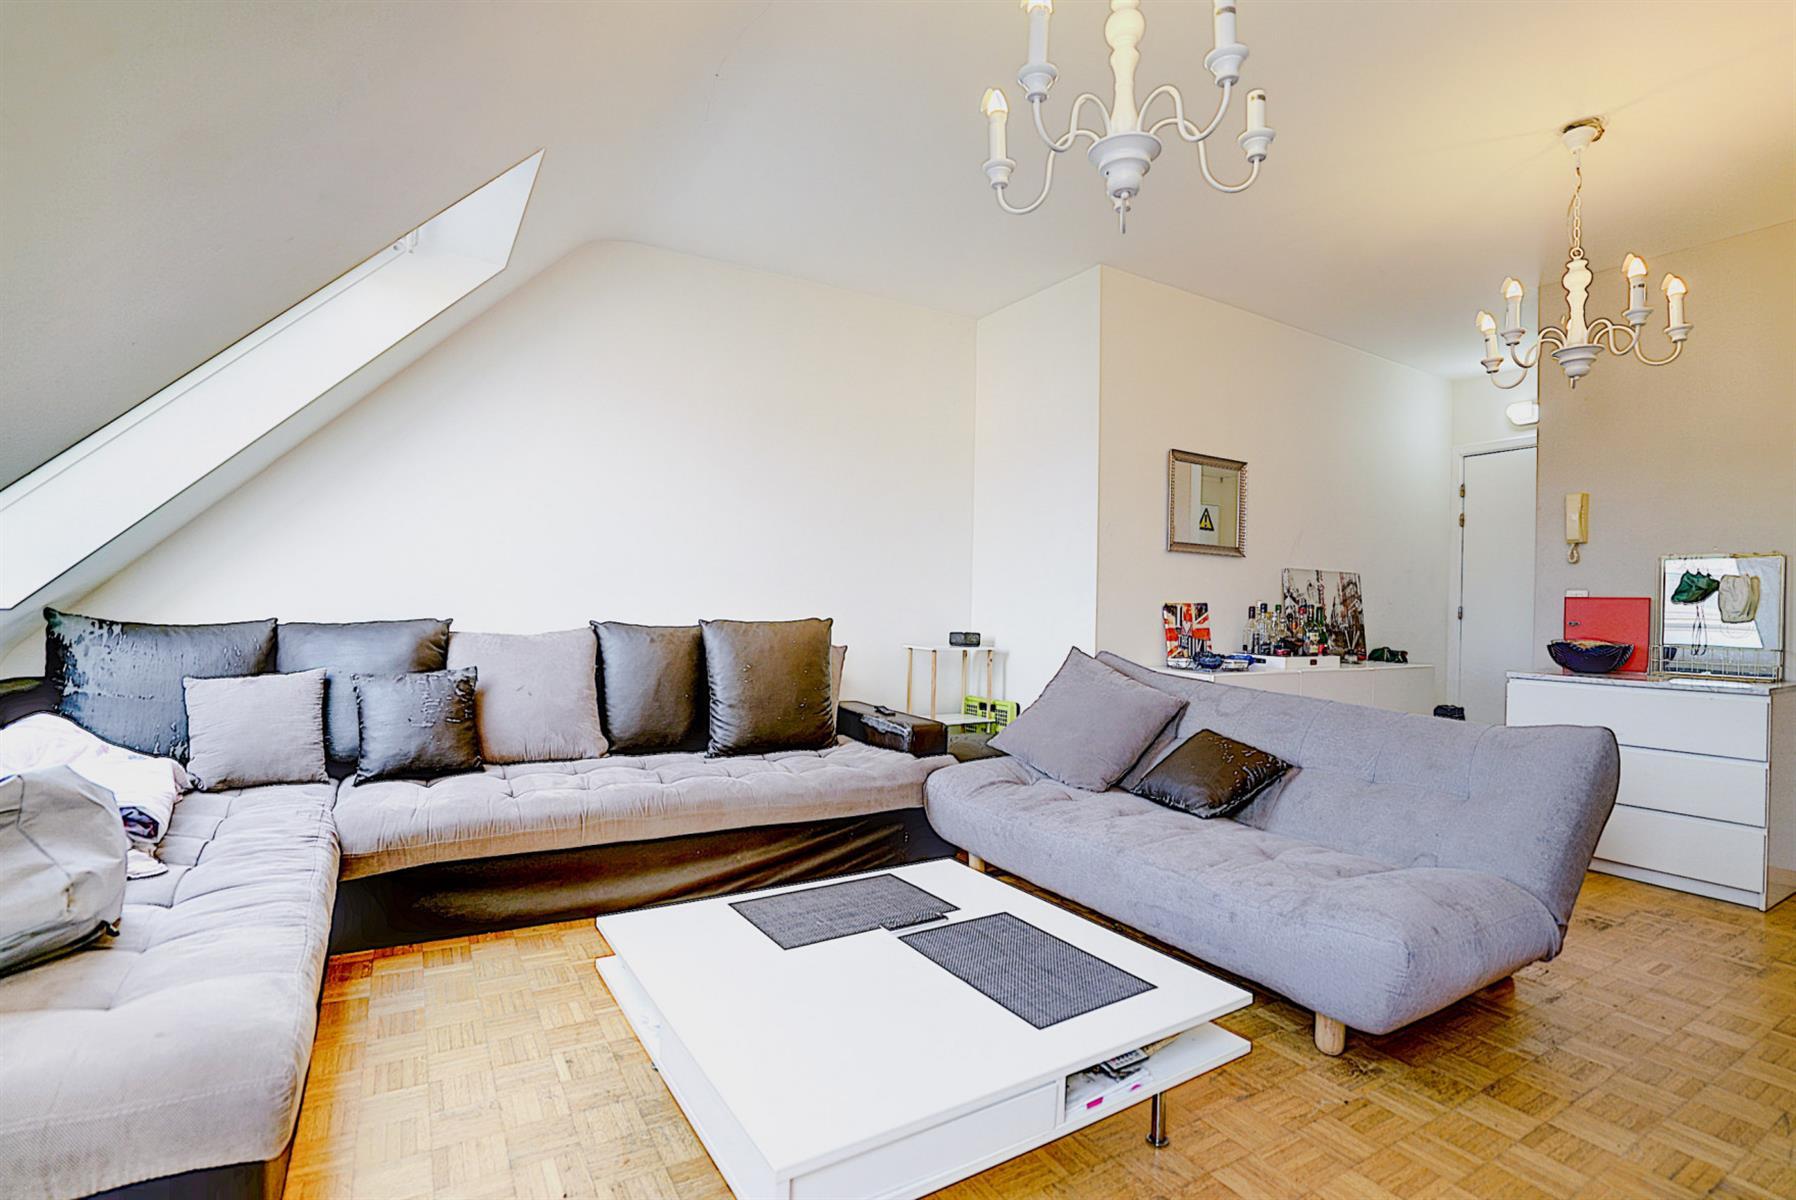 Appartement - Ottignies-louvain-la-neuve - #4342720-7